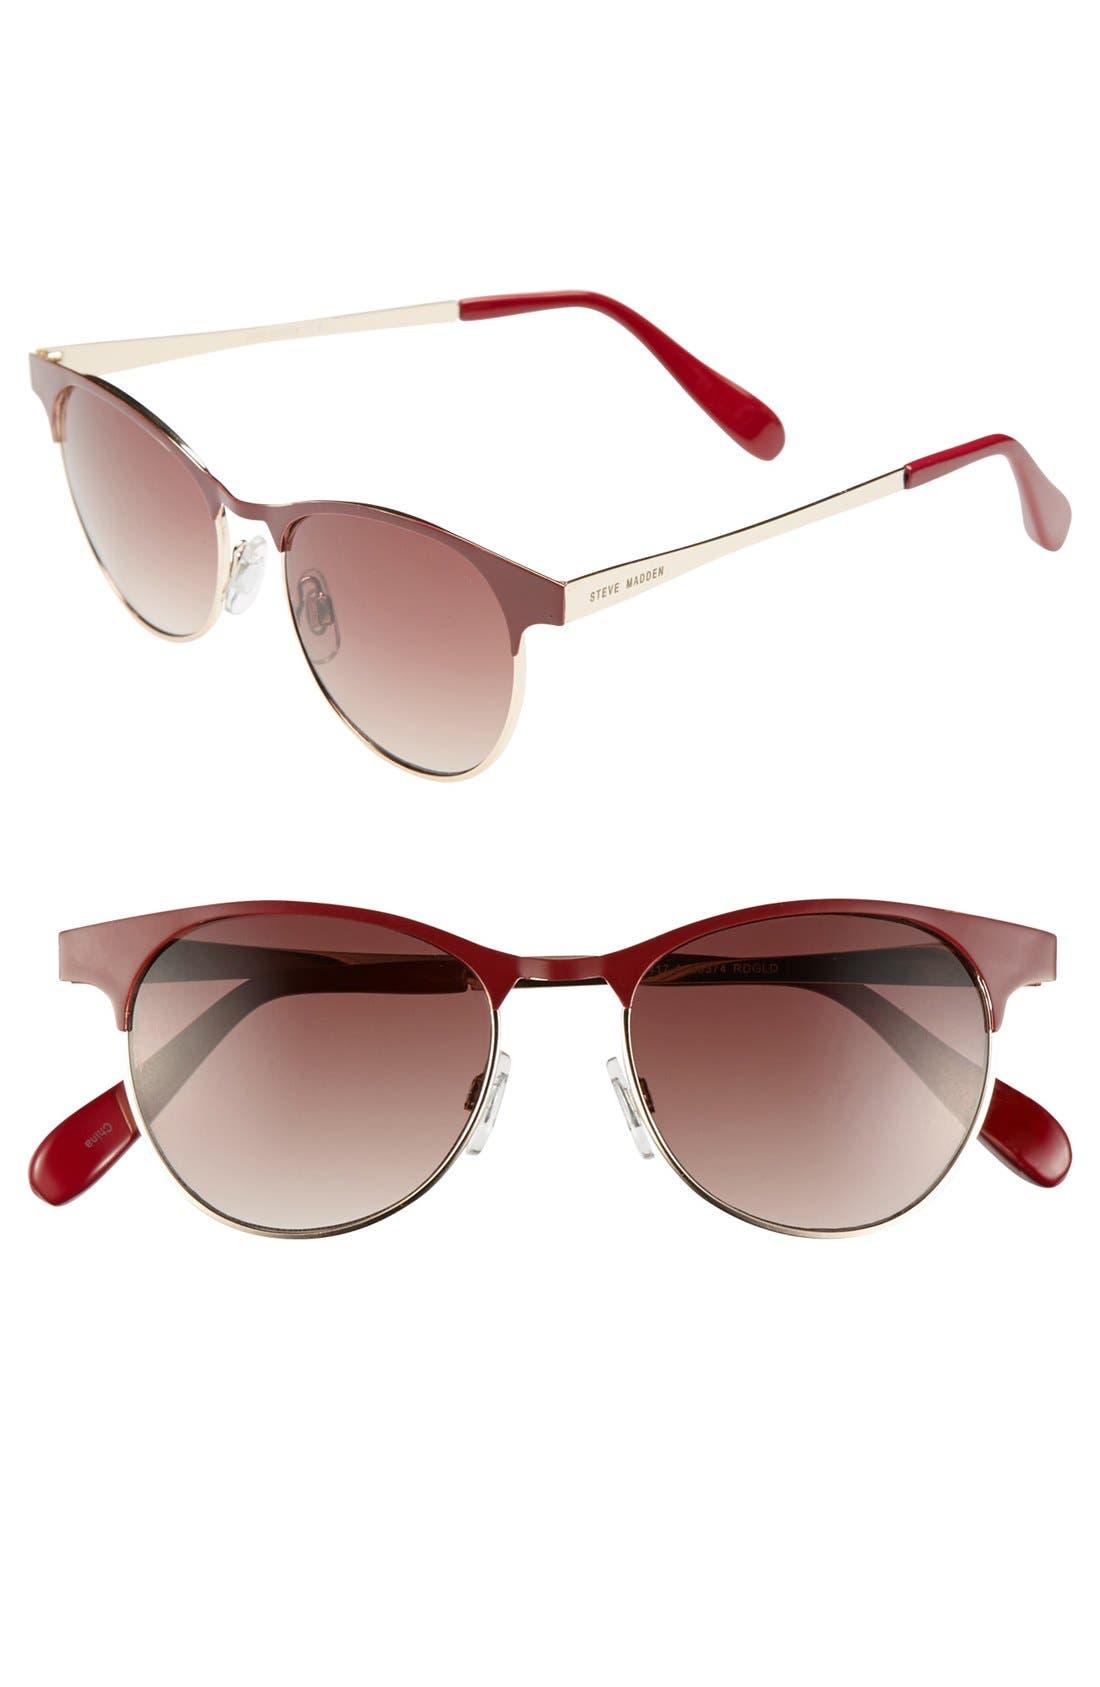 Alternate Image 1 Selected - Steve Madden 49mm Retro Sunglasses